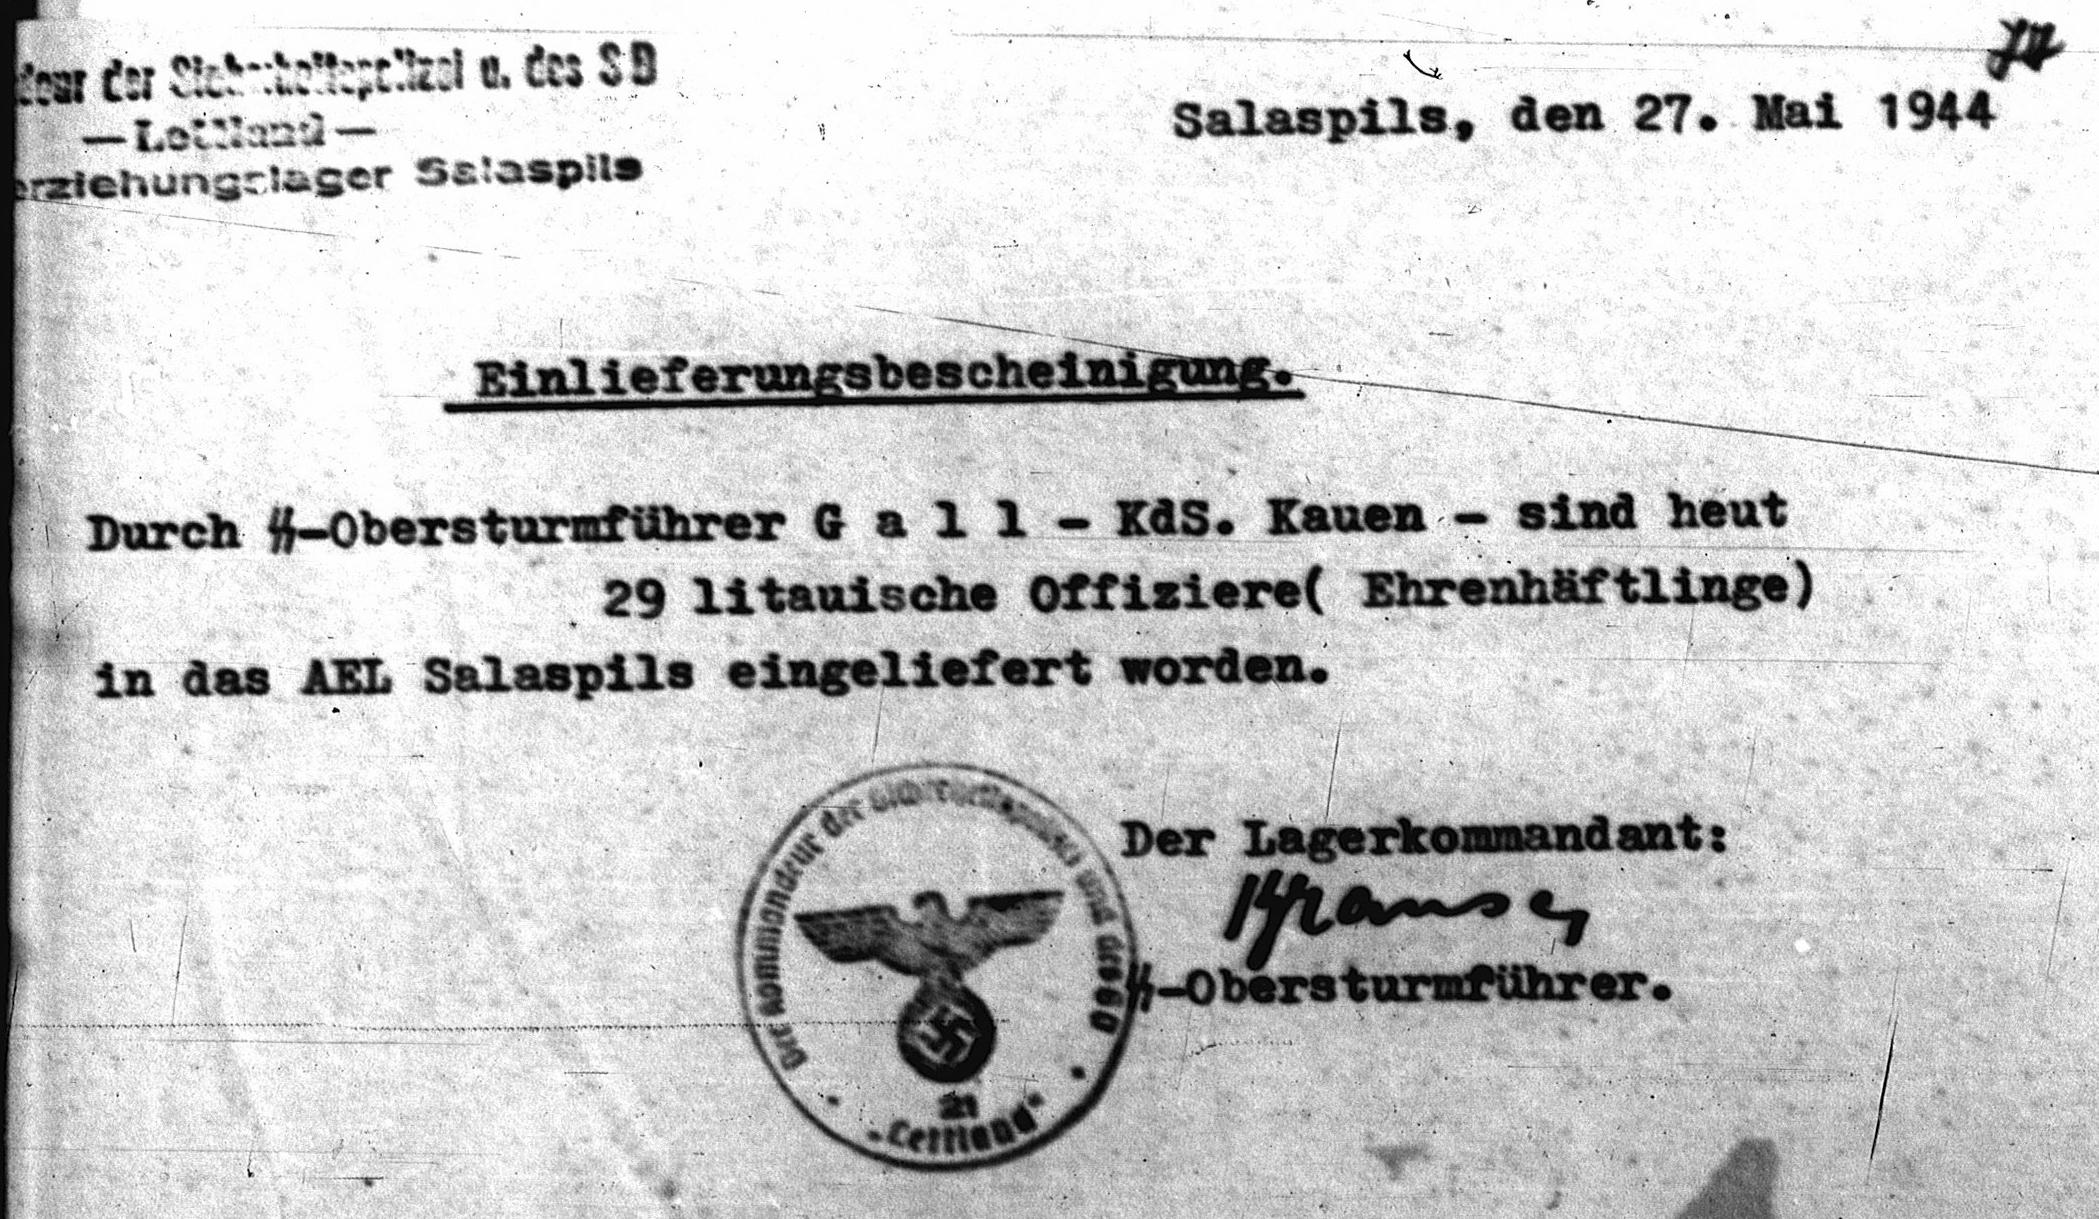 Salaspilio koncentracijos stovyklos viršininko pranešimas apie 29 lietuvių karininkų priėmimą | LCVA, f. R-1399, ap. 1, b. 106, l. 77 nuotr.